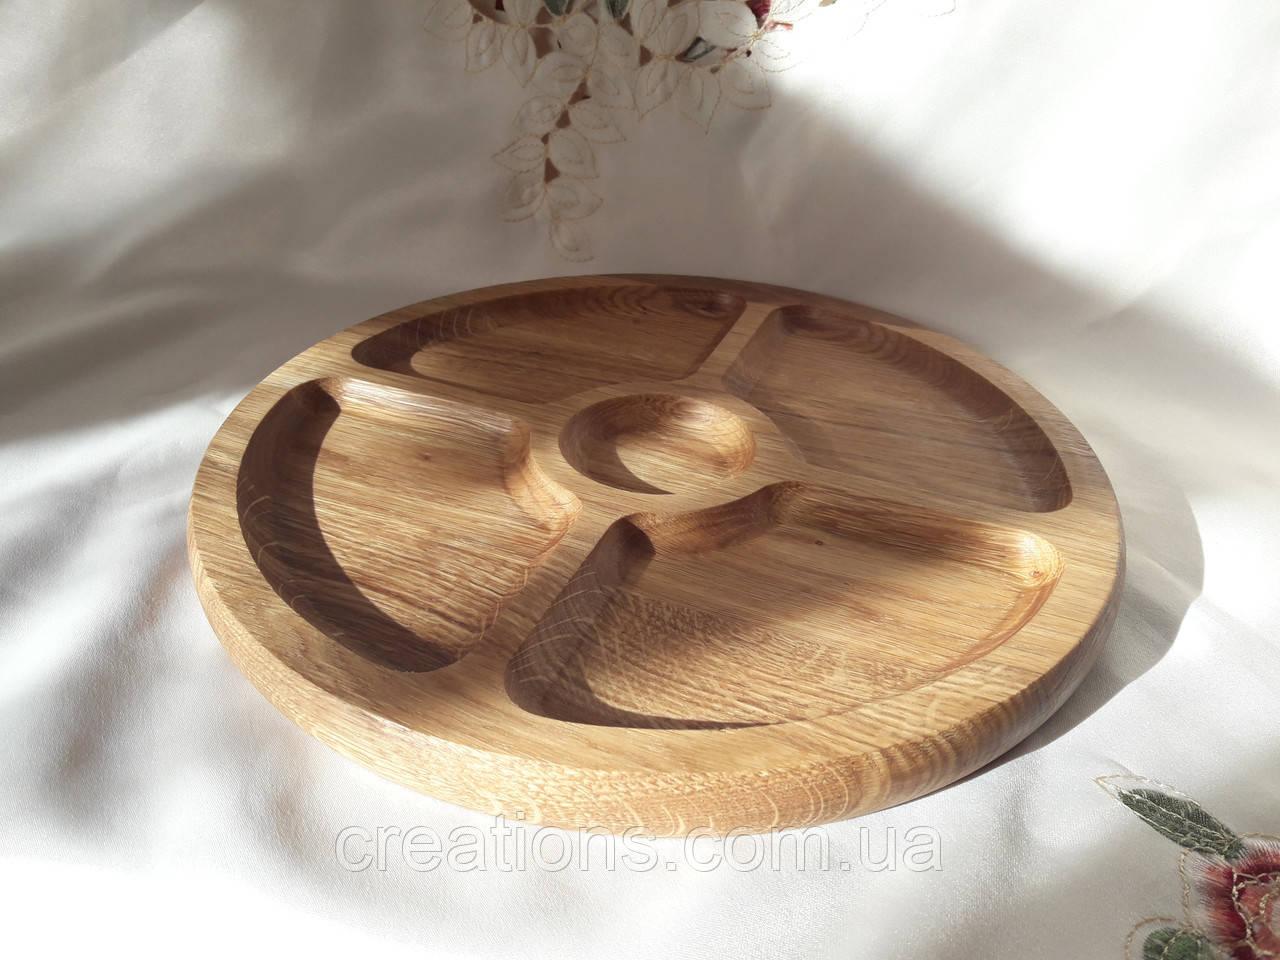 Тарелка деревянная порционная круглая на 5 секций Дуб